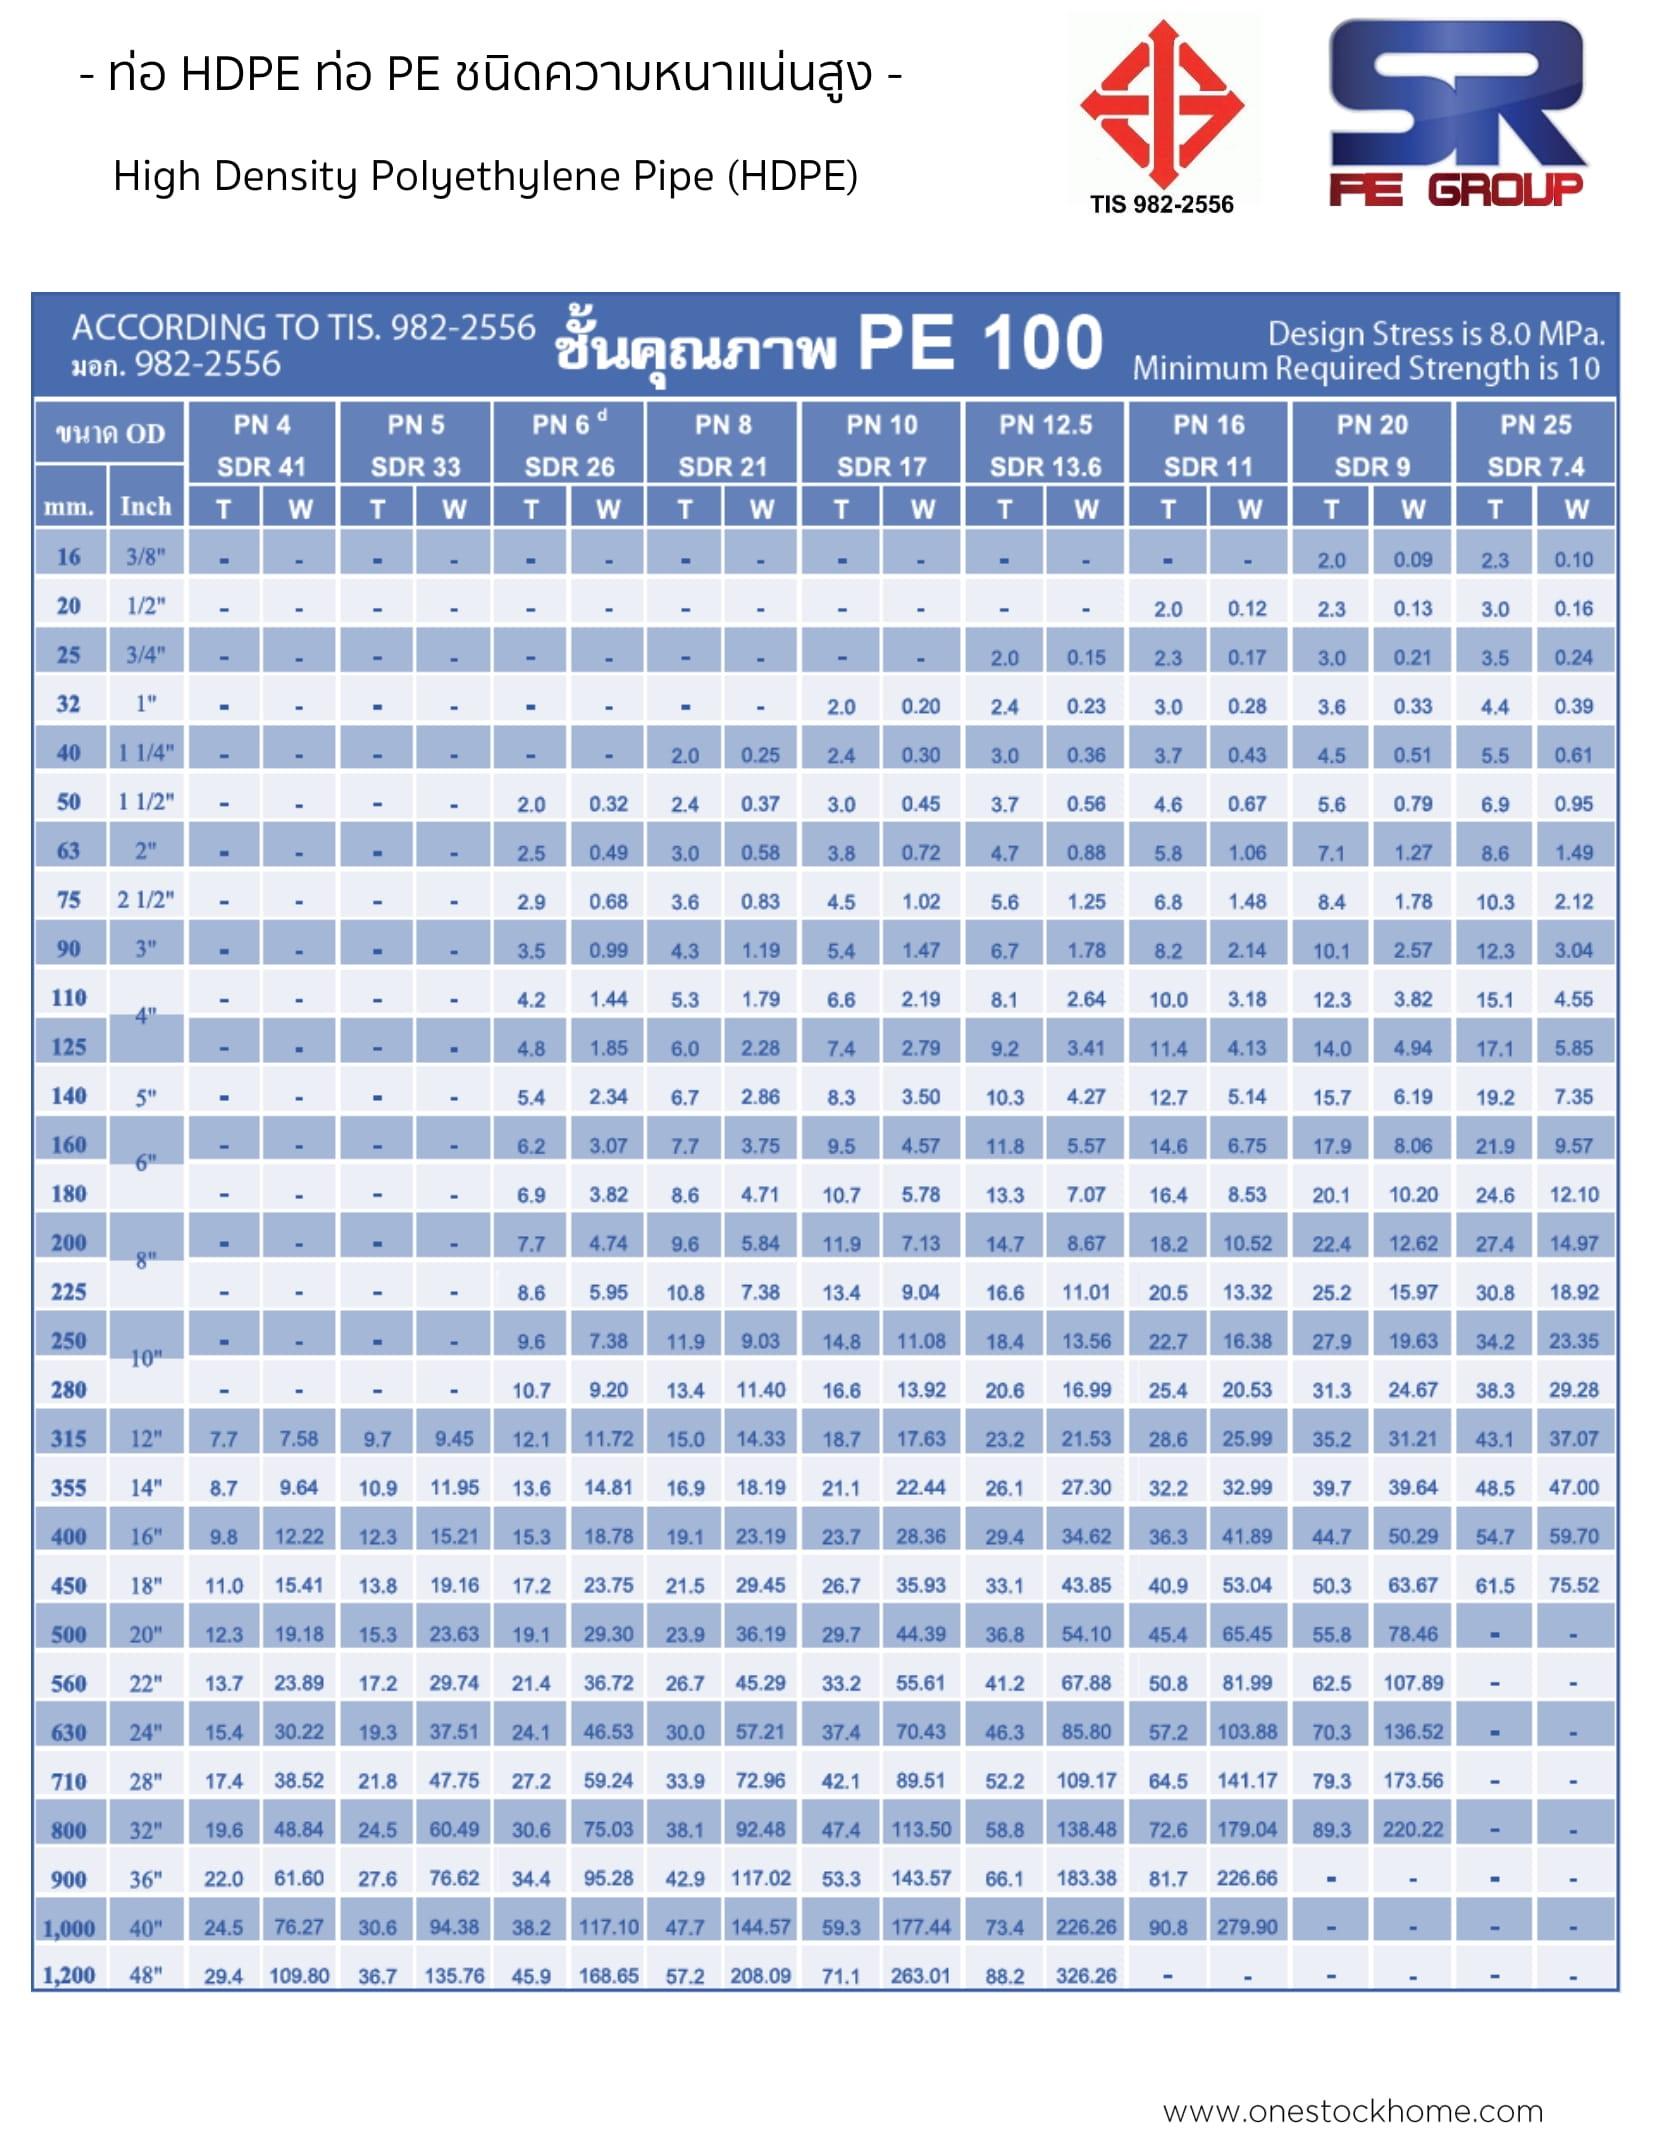 ท่อ HDPE PE100 SR ขนาด